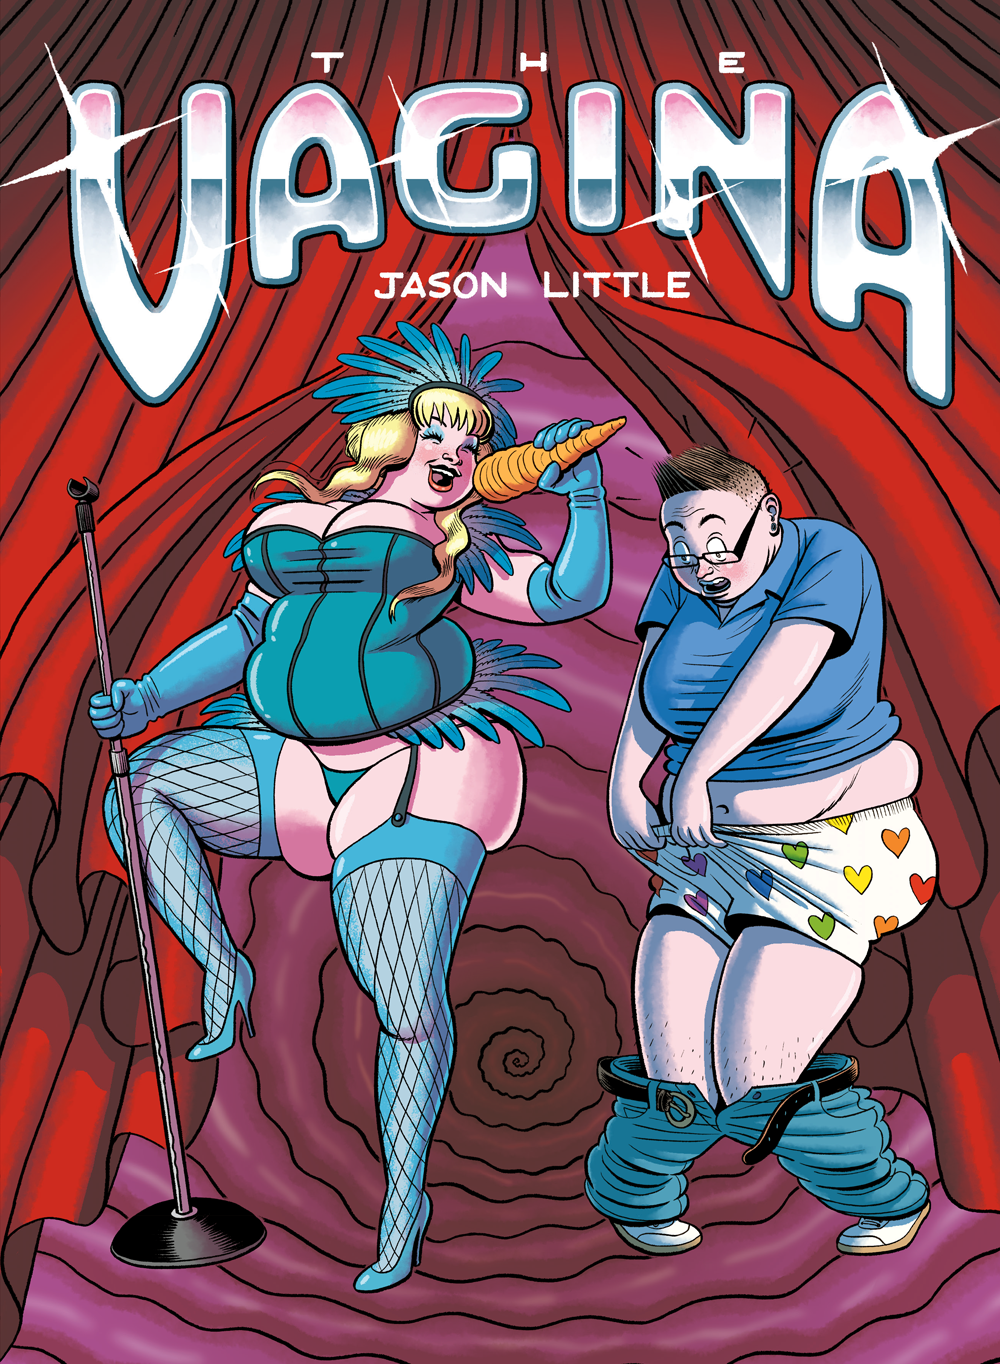 The Vagina